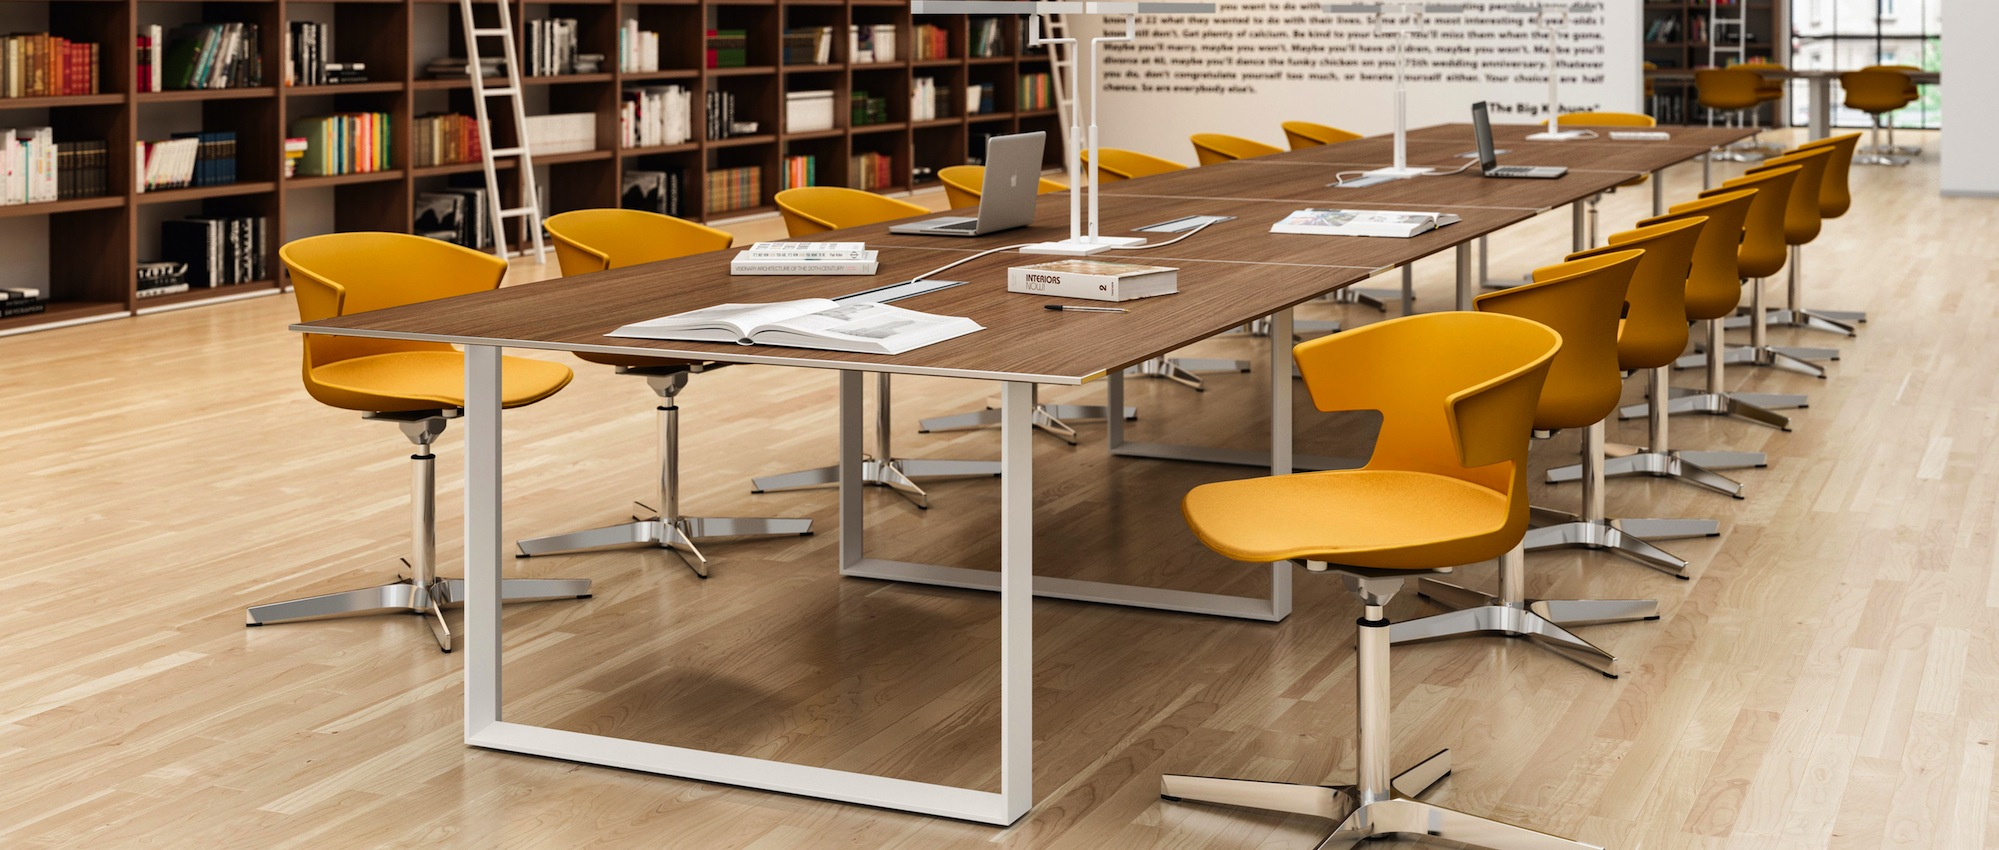 meubles de bureau pour salles et espaces de réunion : tables de réunion